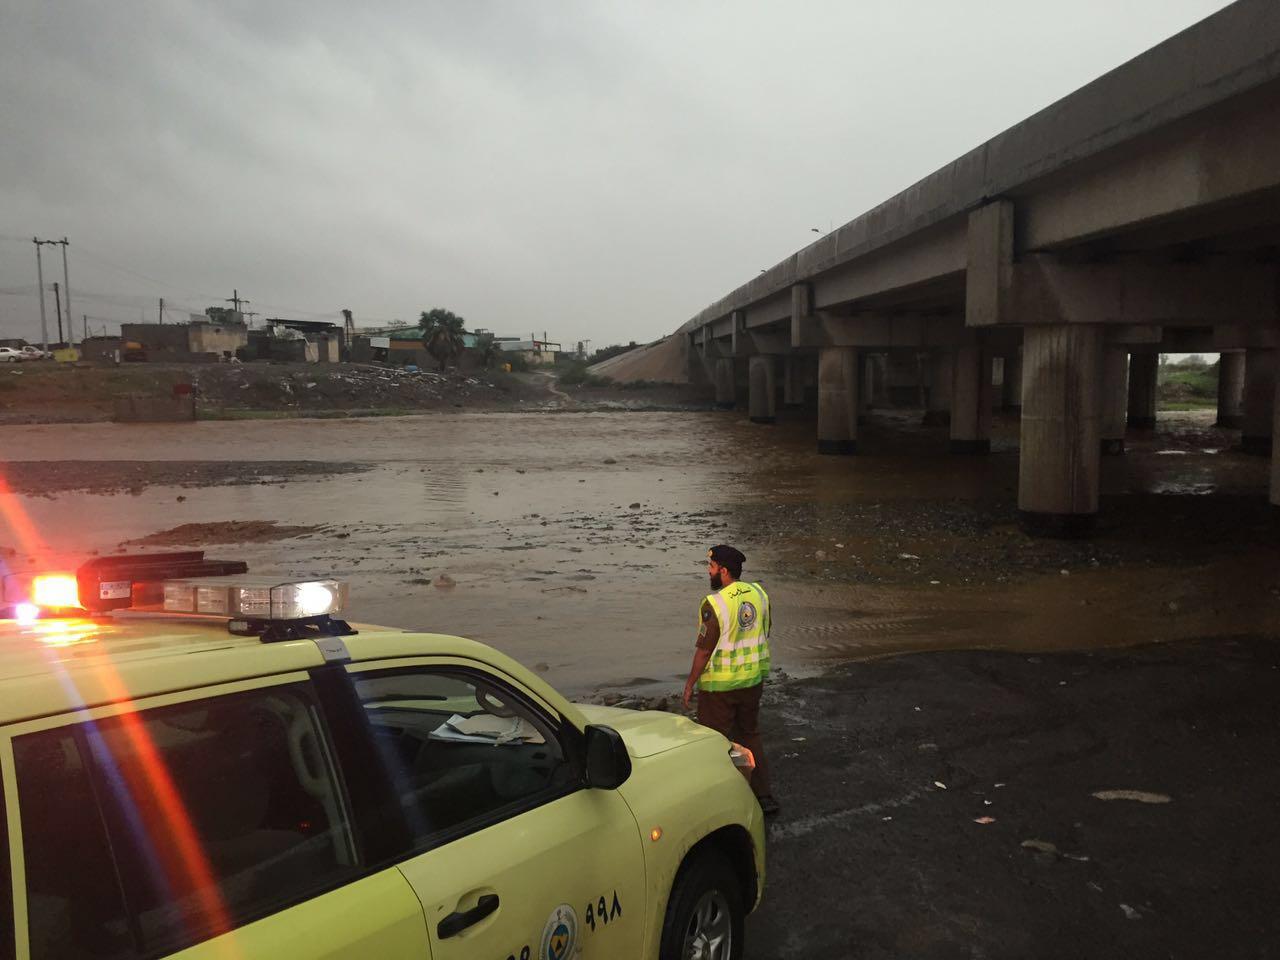 احتجاز وتضرر مركبات بجازان جراء الأمطار والسيول والمدني يحذر